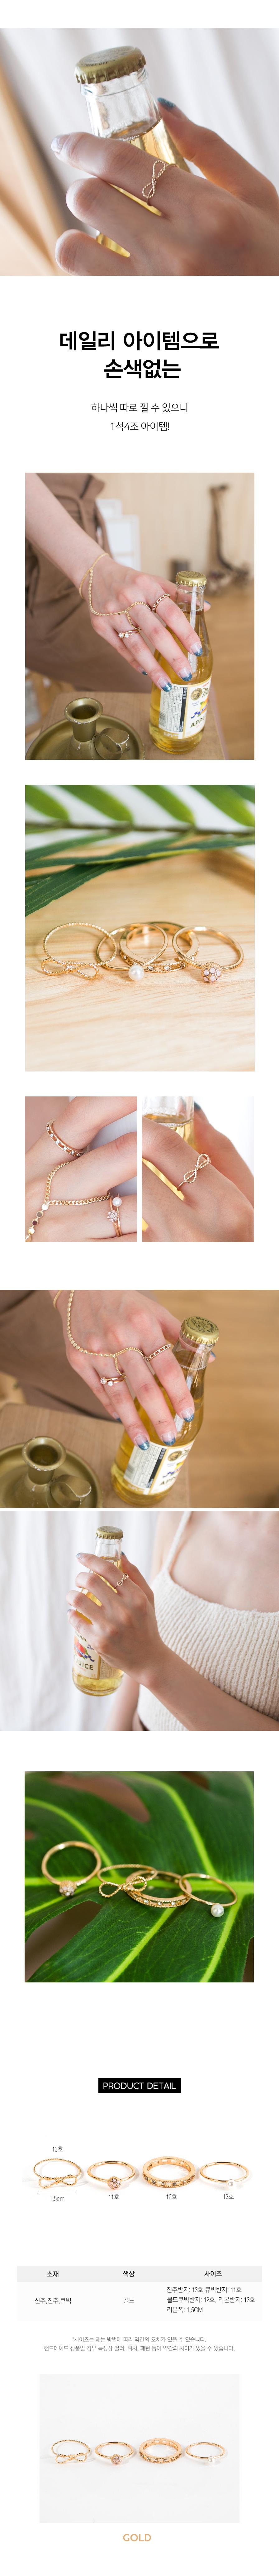 리본 진주 레이어링 반지 4set - 아르뉴, 11,800원, 패션, 패션반지